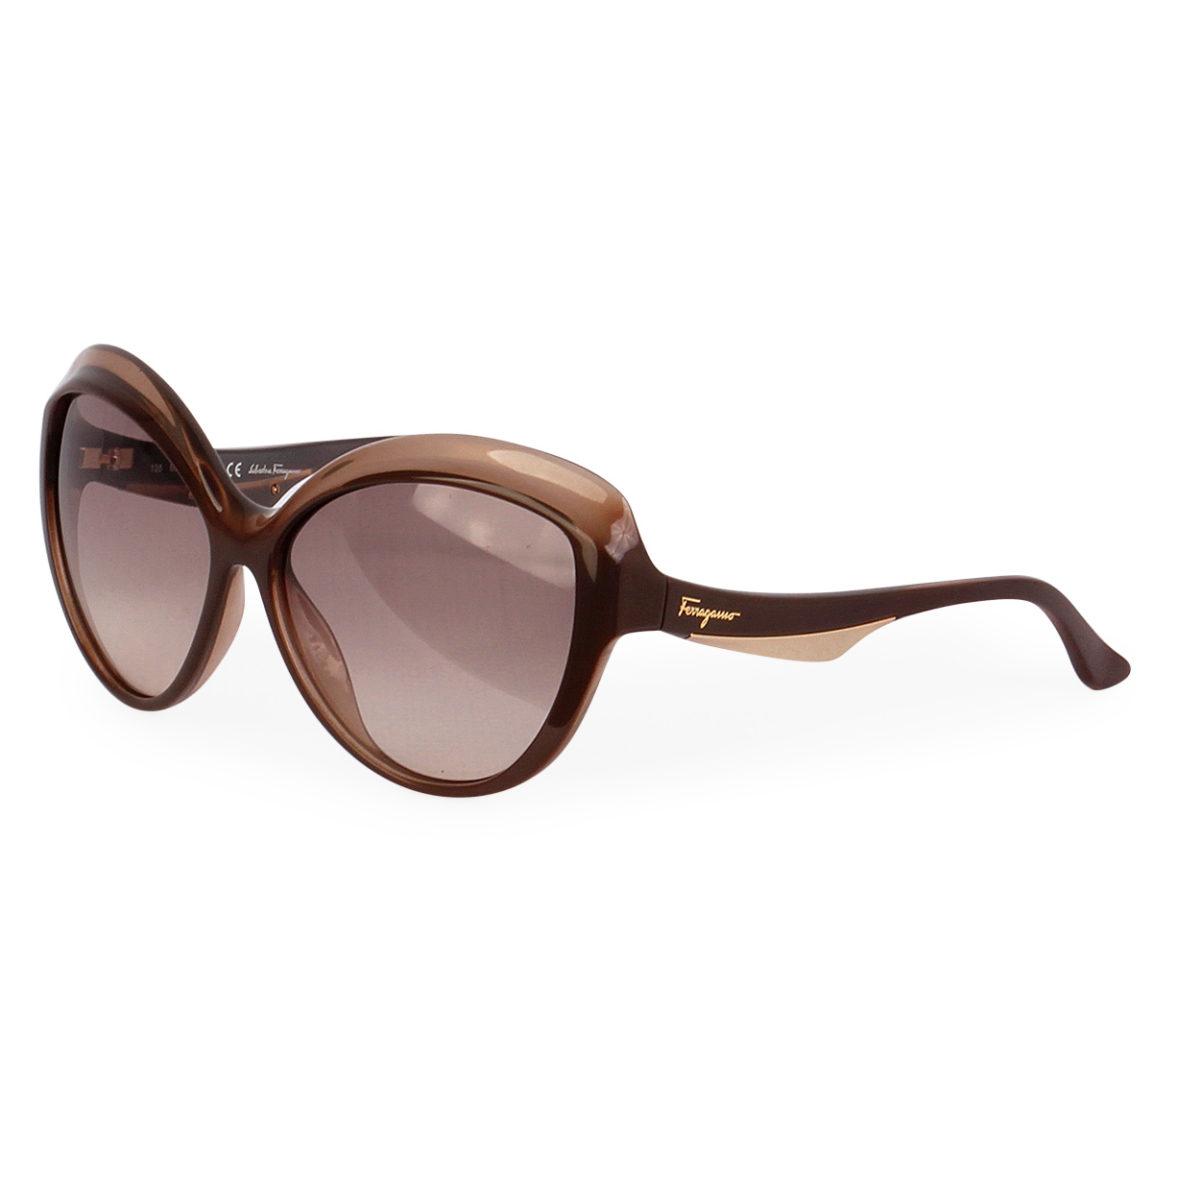 f7e877b6cad SALVATORE FERRAGAMO Sunglasses SF705S Grey